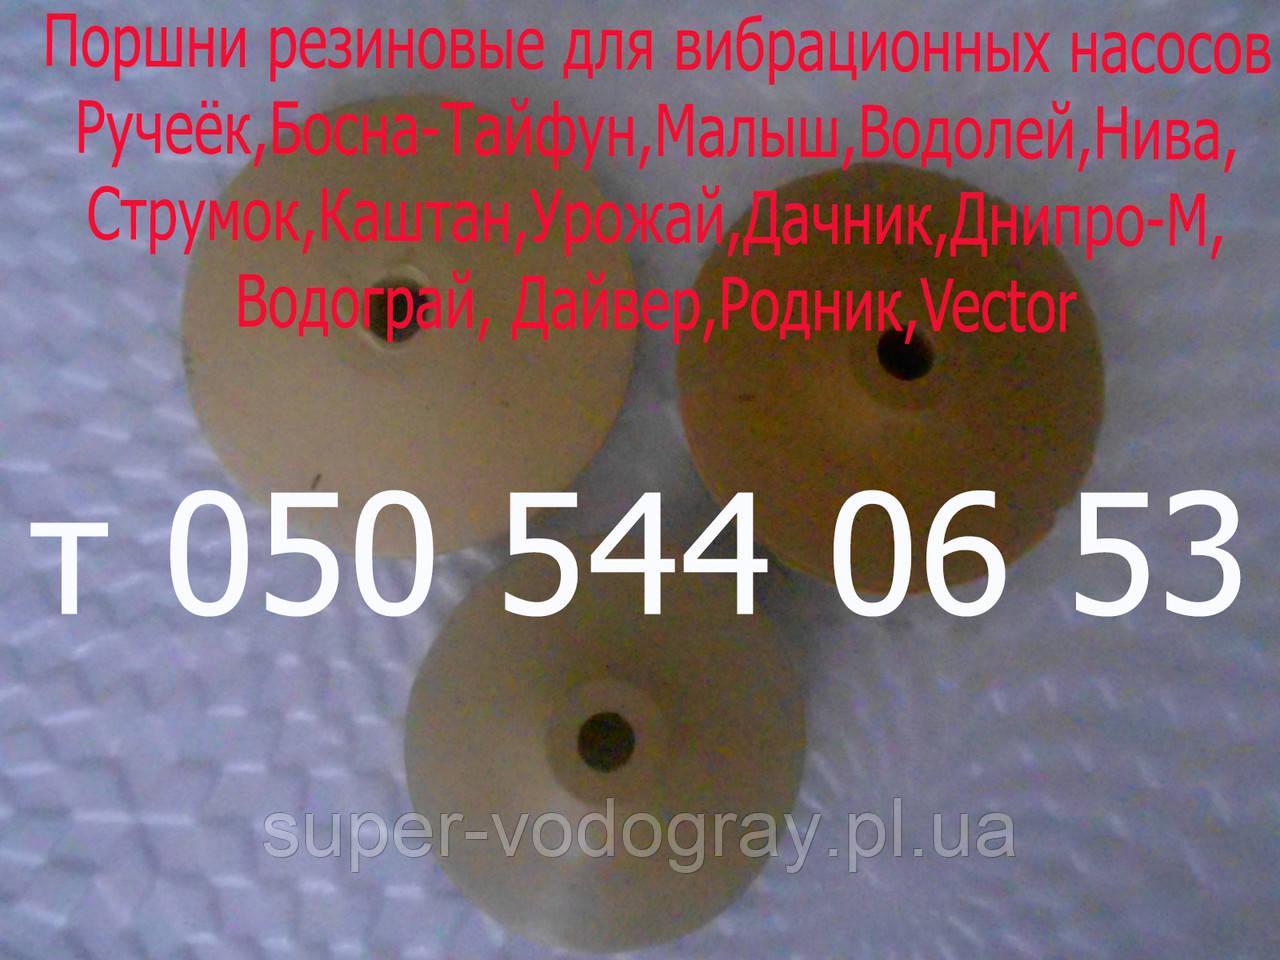 Поршень для вибрационного насоса Ручеек, Босна, Водолей, Малыш, Урожай, Дачник, Нива, Гейзер, Силач